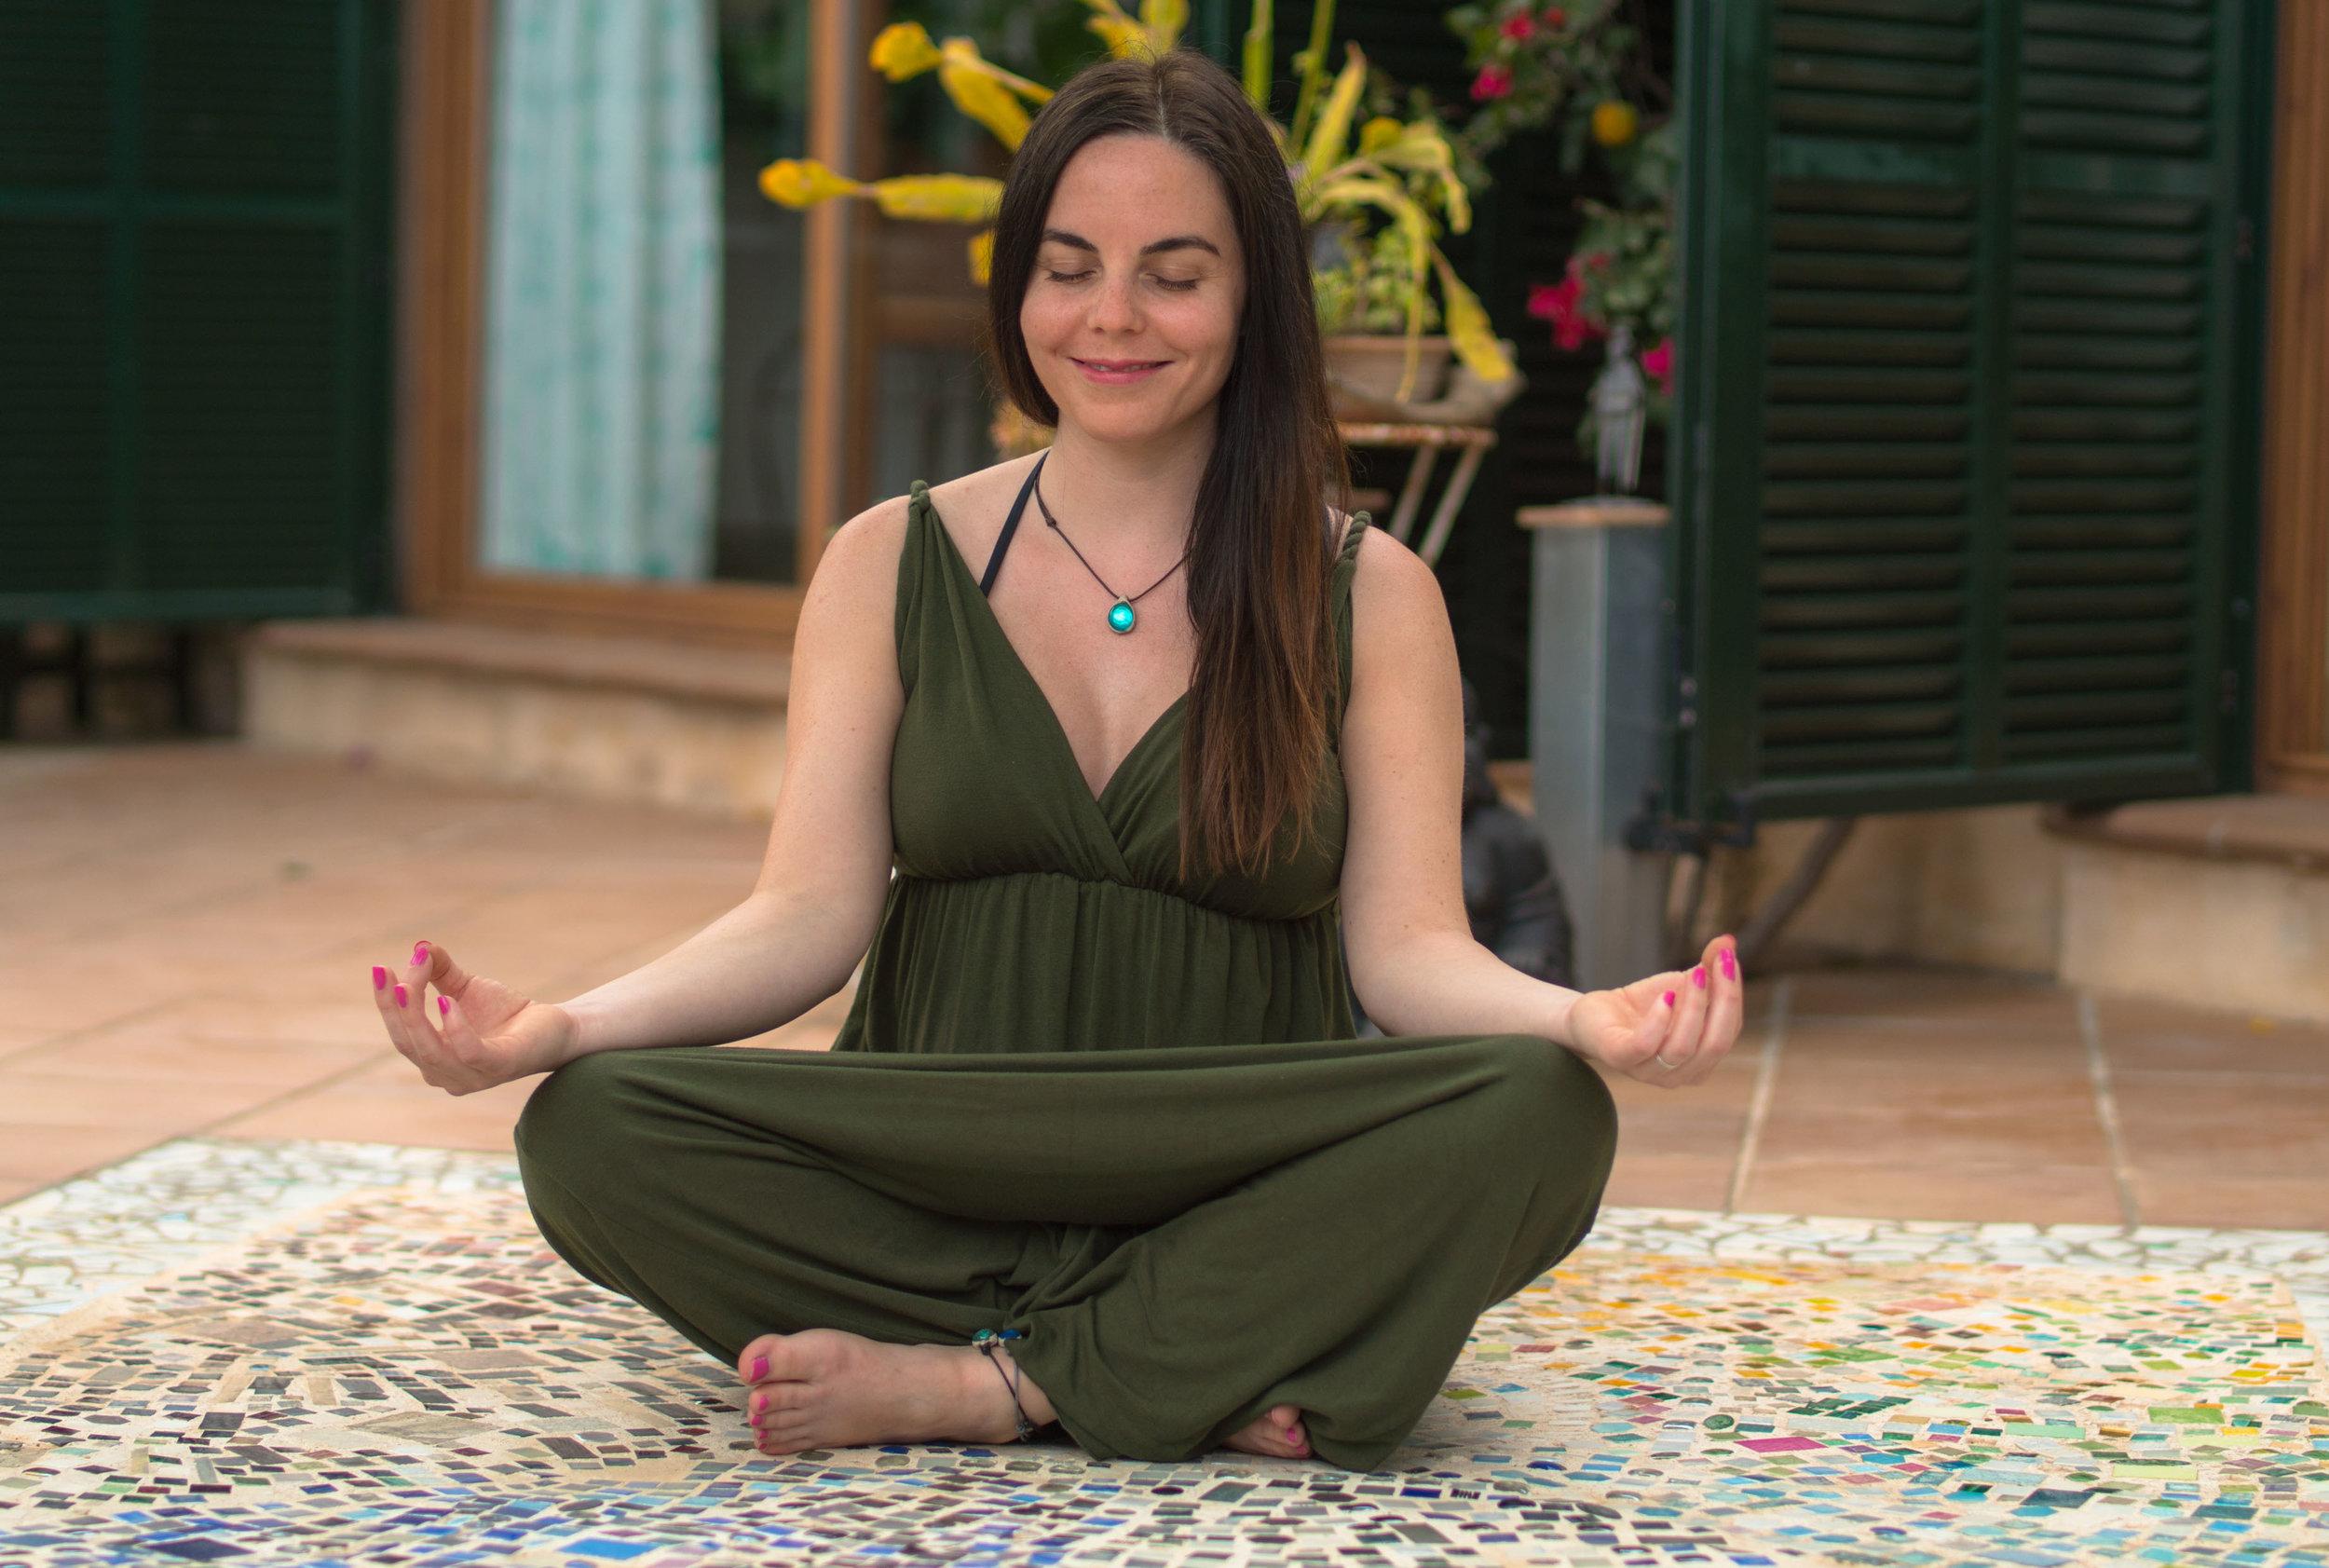 RELEASE - Lasse unbewusste Überzeugungen und limitierende Glaubenssätze mit Hilfe einer geleiteten Meditation los und erschaffe mehr von dem, was du wirklich möchtest